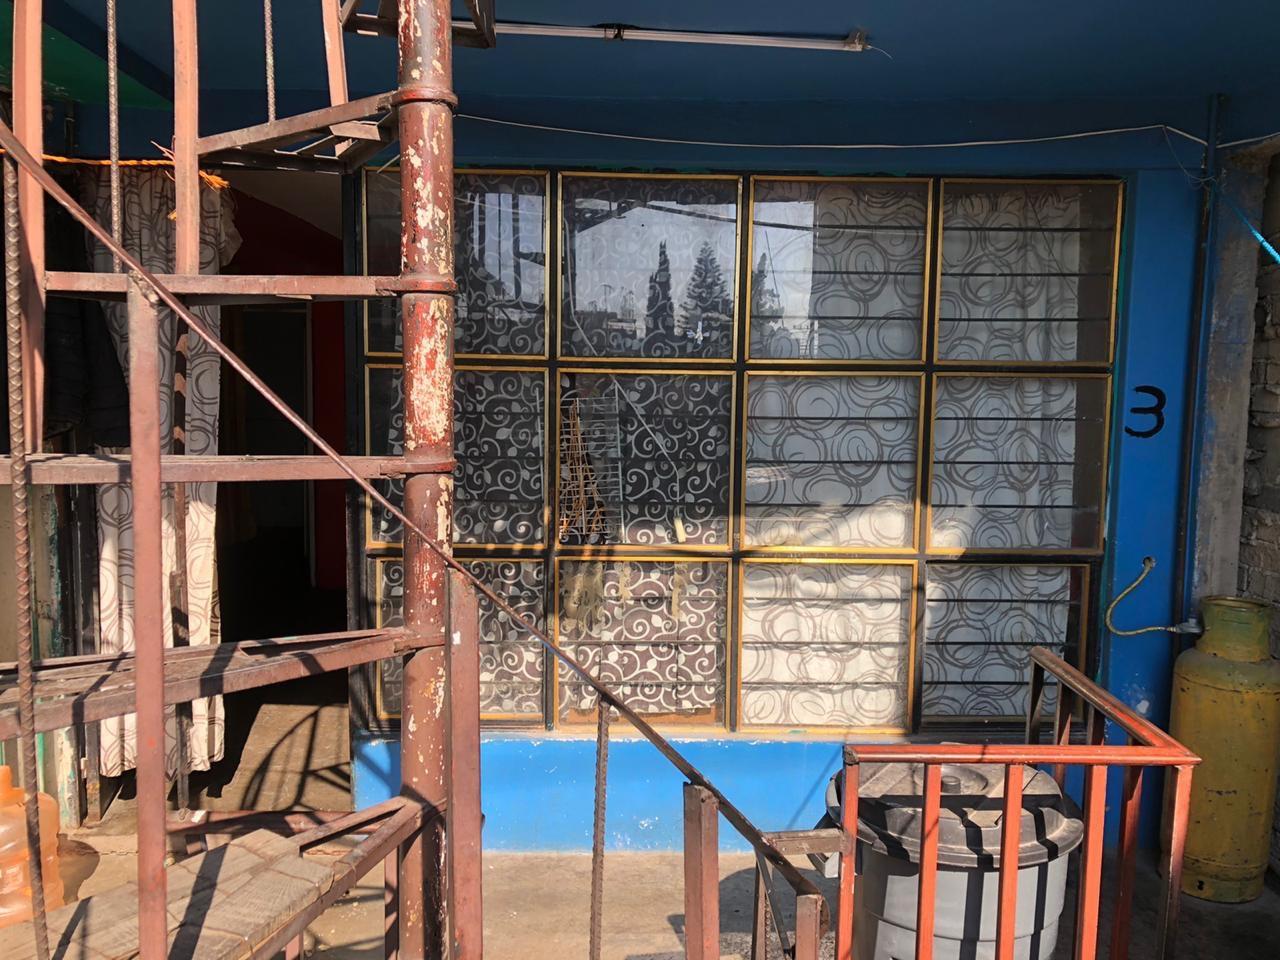 Liberan a tres integrantes de una familia secuestrados en Nezahualcóyotl